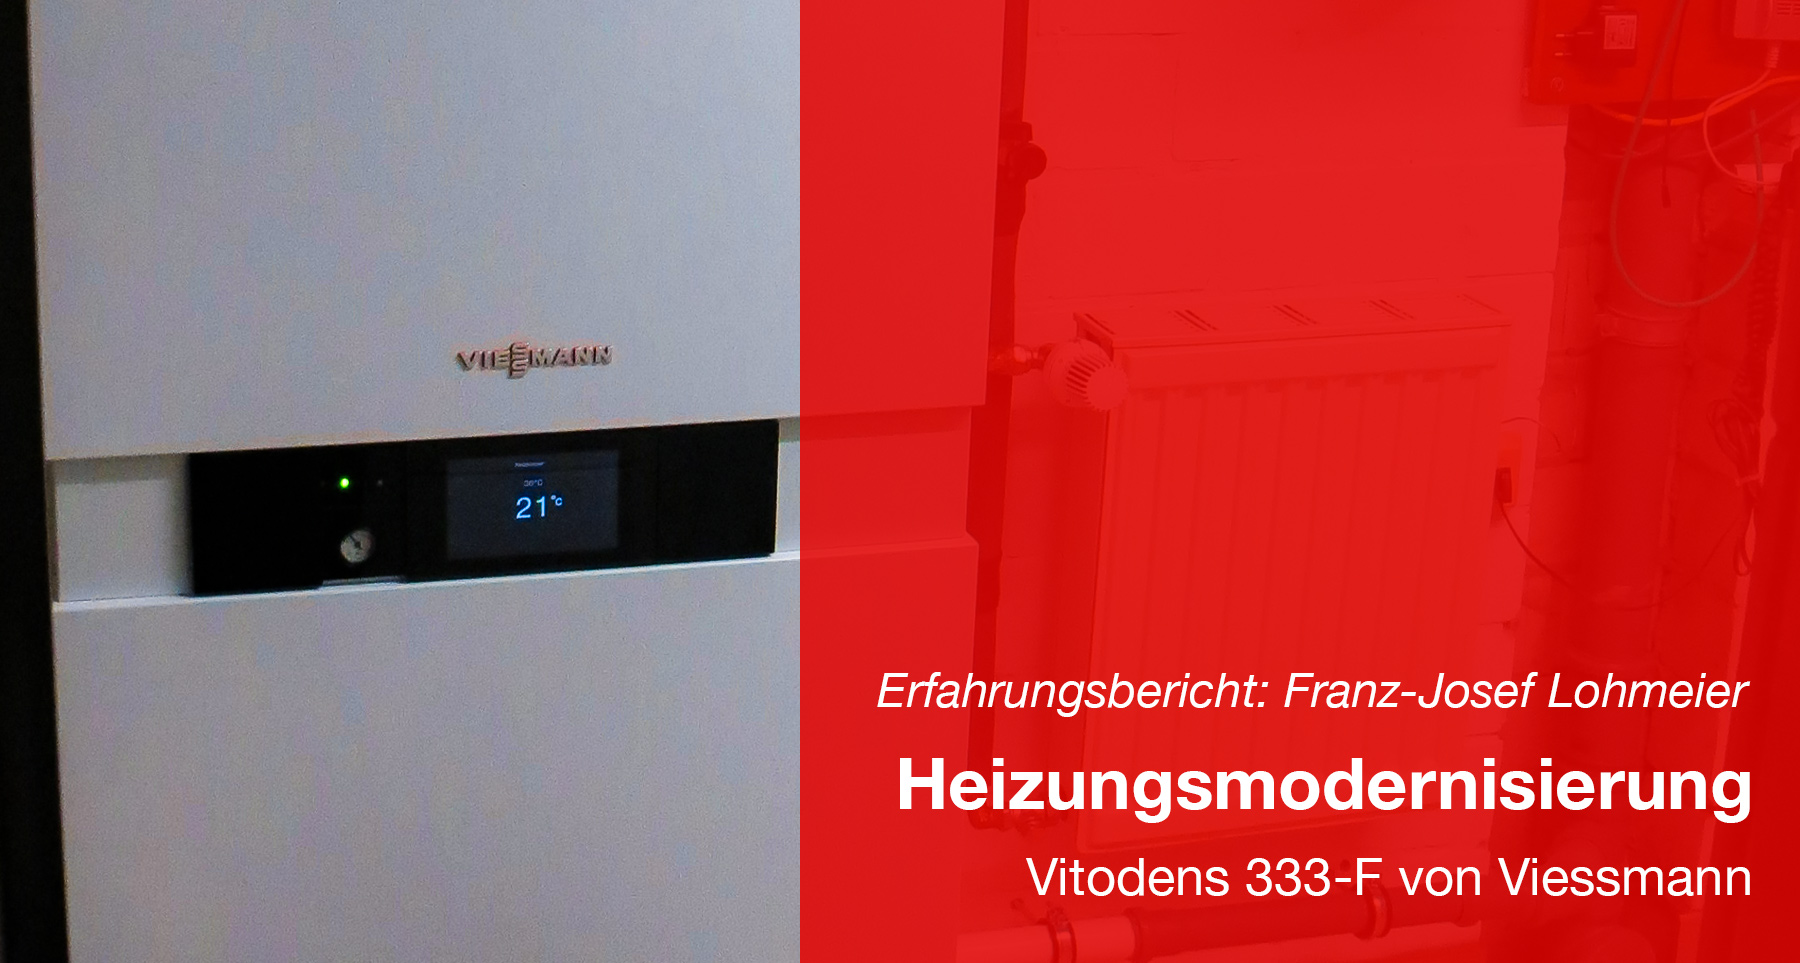 Modernisierung der Heizung - Vitodens 333-F von Viessmann